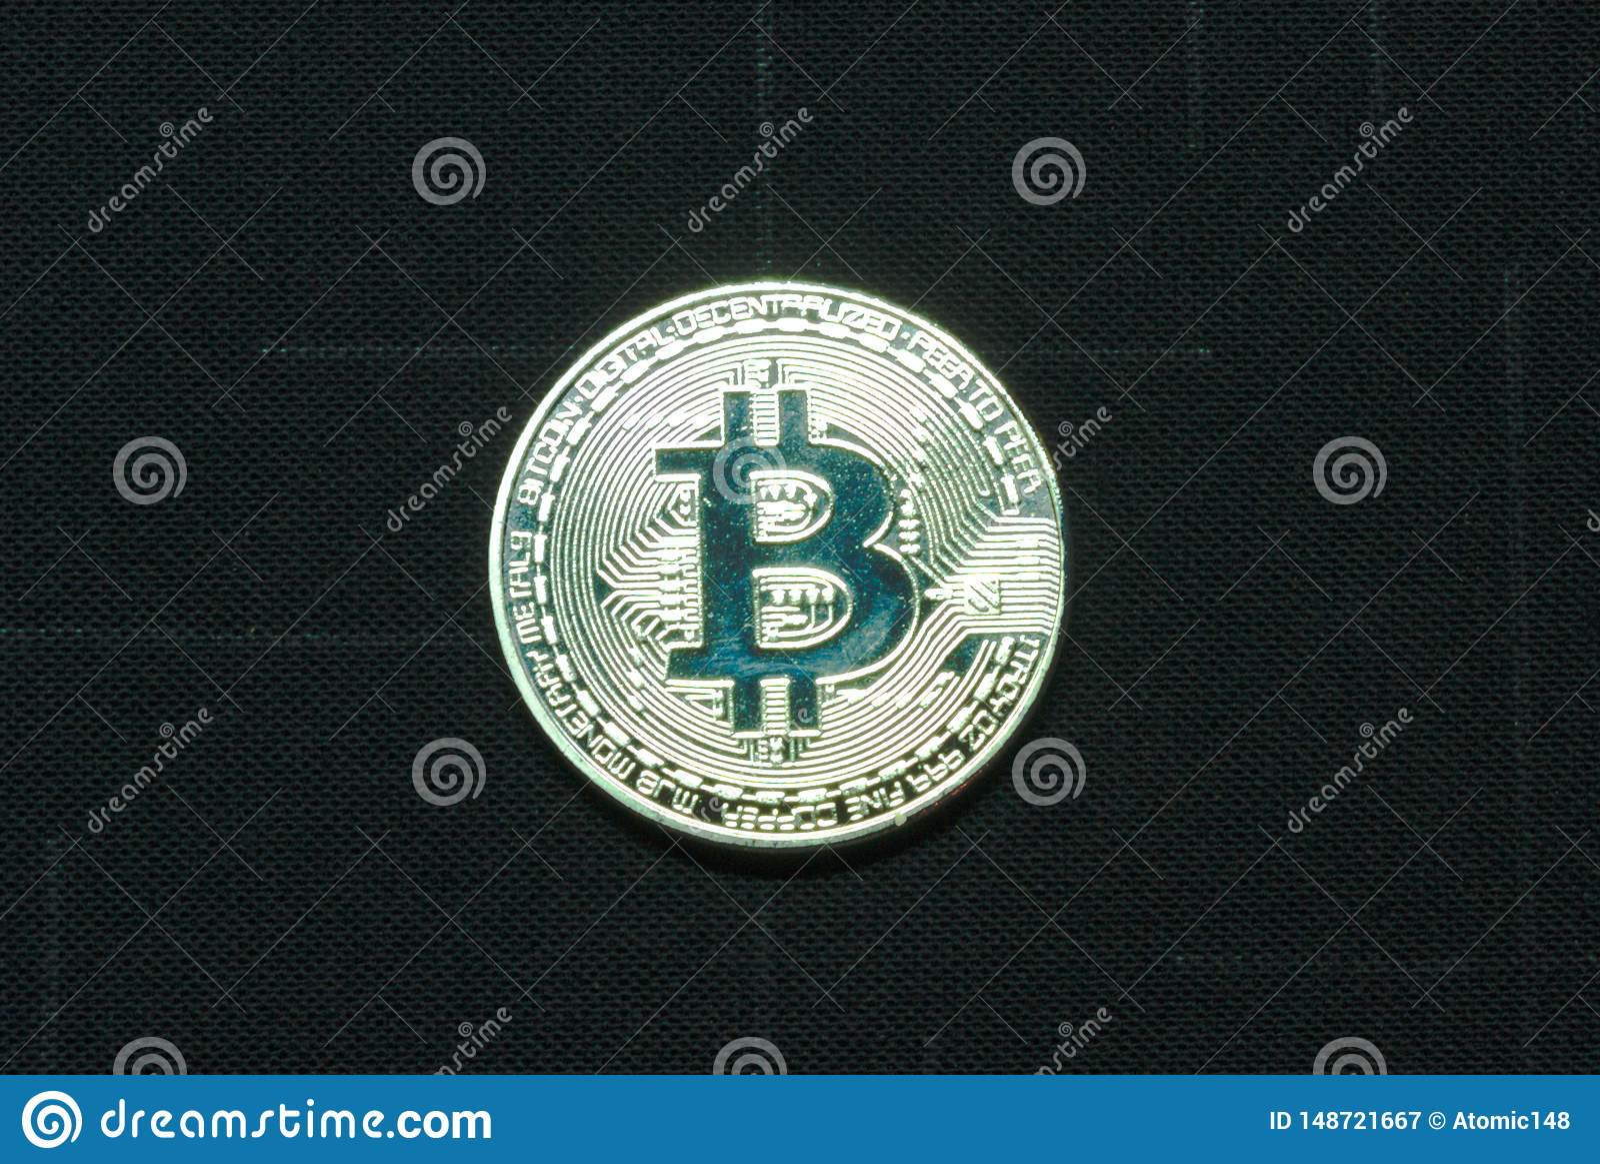 Ilver bitcoin muntstuk op zwarte achtergrond